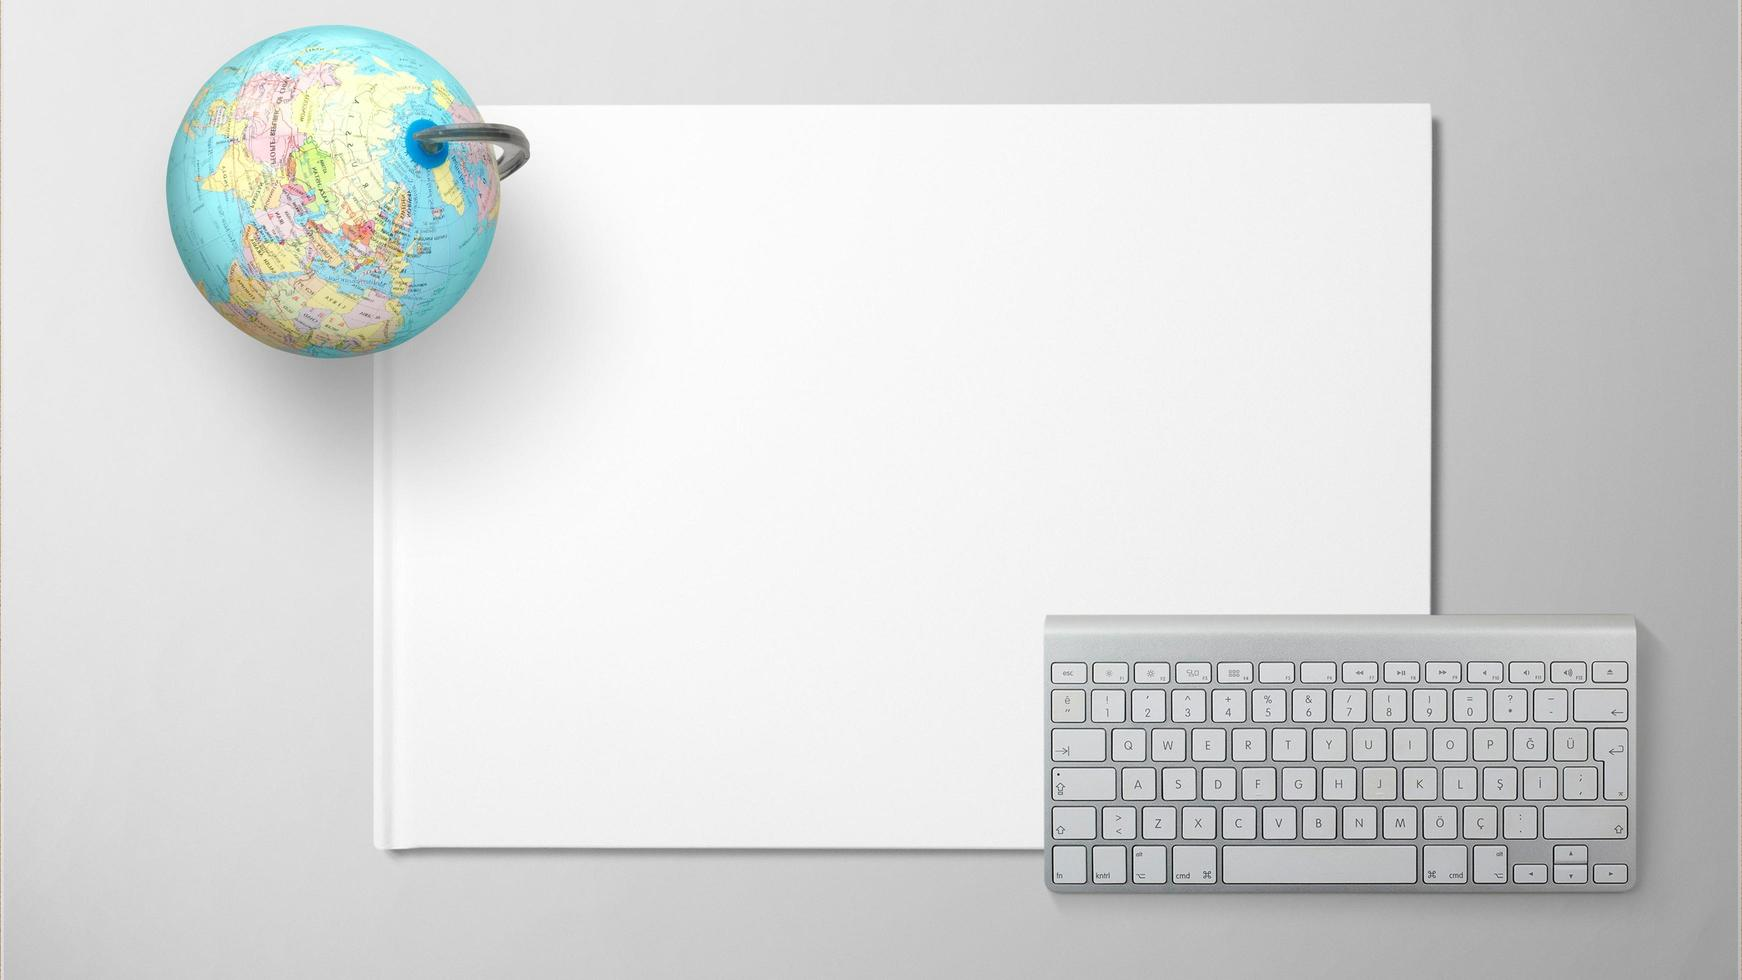 Globus mit Computertastatur auf weißem Papier auf lokalisiertem Hintergrund foto